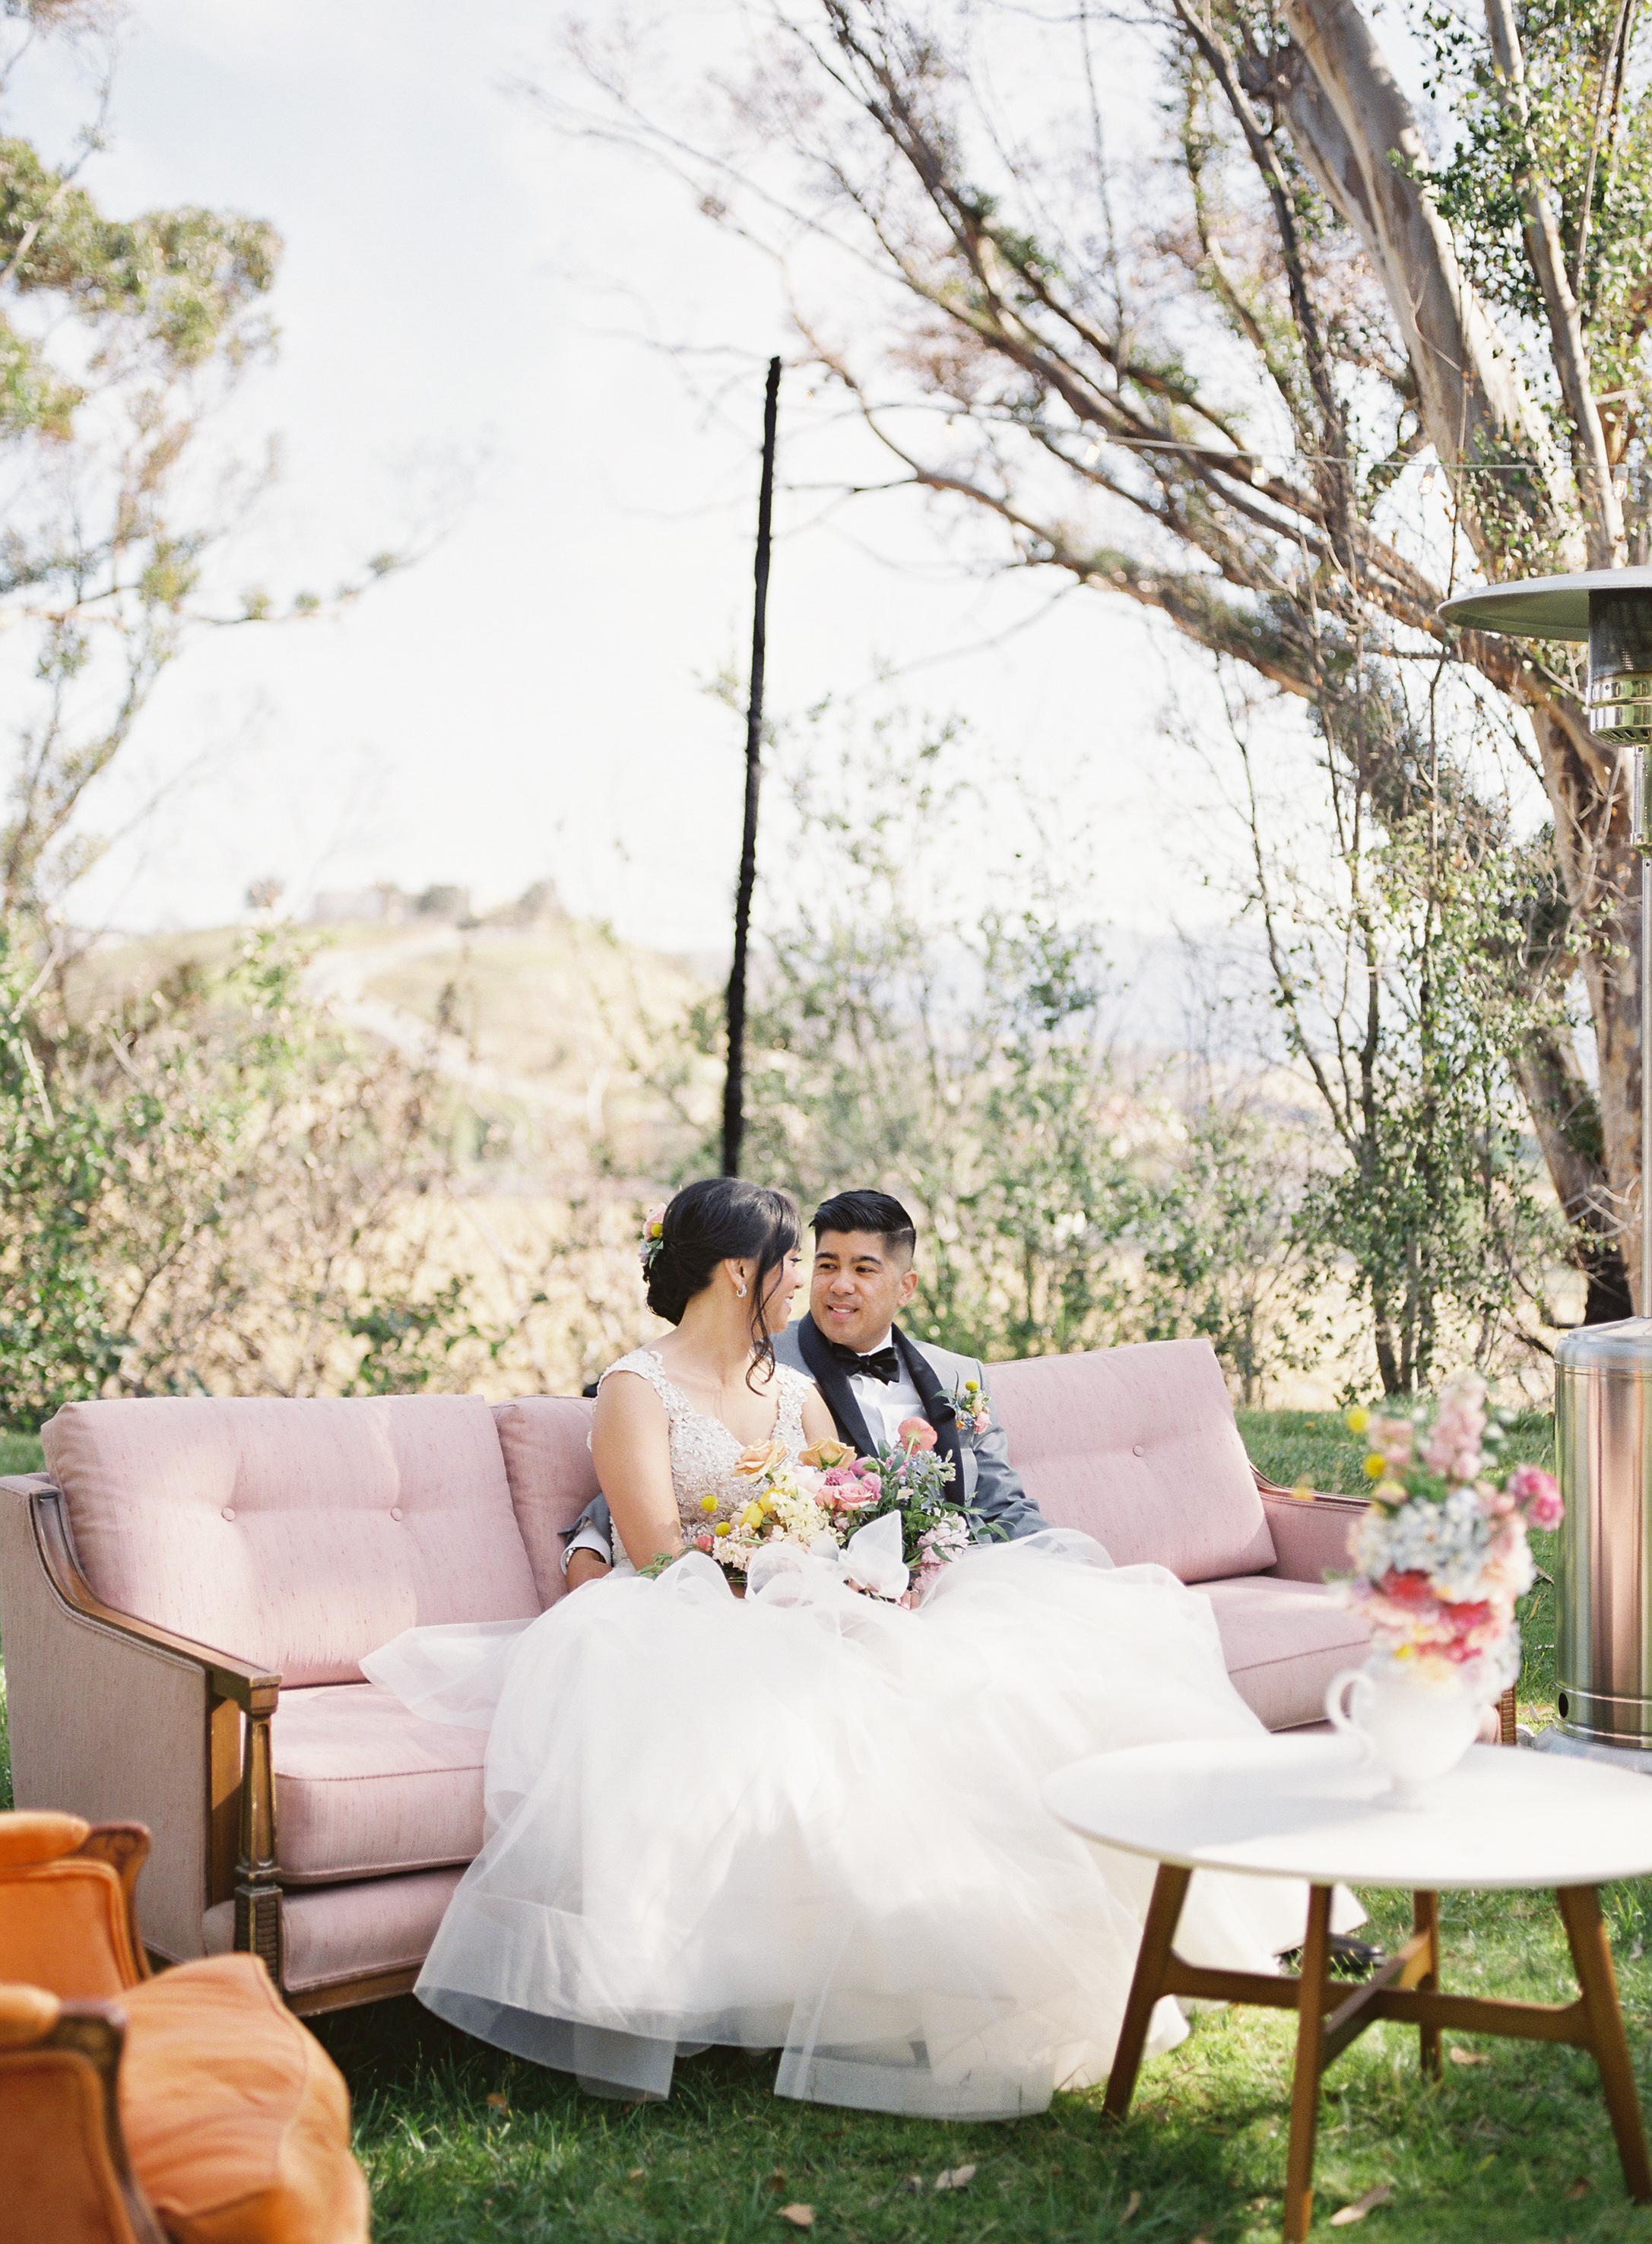 Portia-Lloyd-Wedding-Film-121.jpg